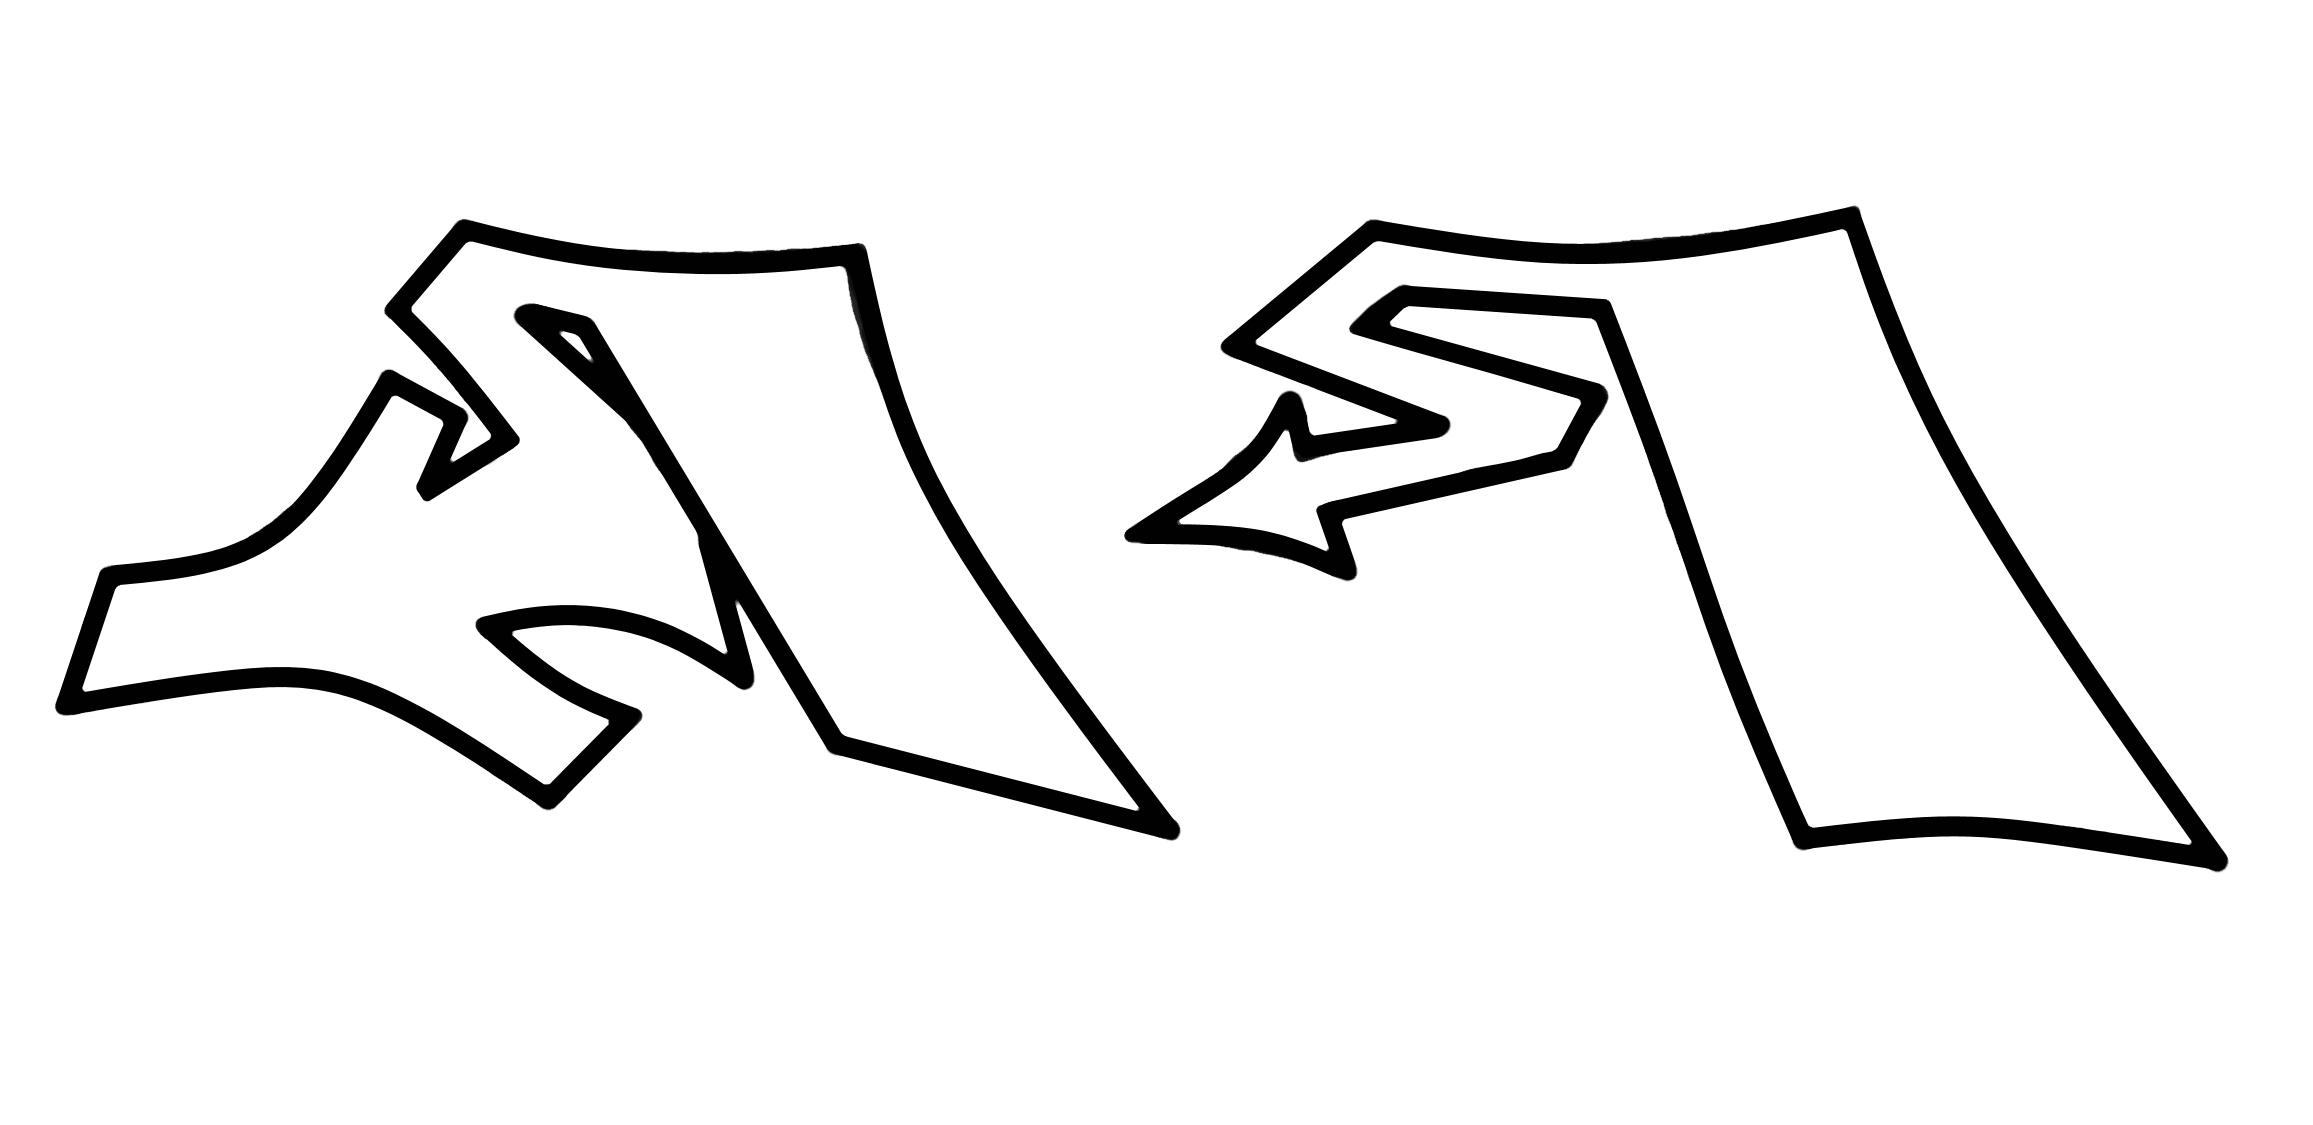 Graffiti Schrift | Graffiti Lernen | Graffiti Buchstaben für Graffiti Alphabet Lernen